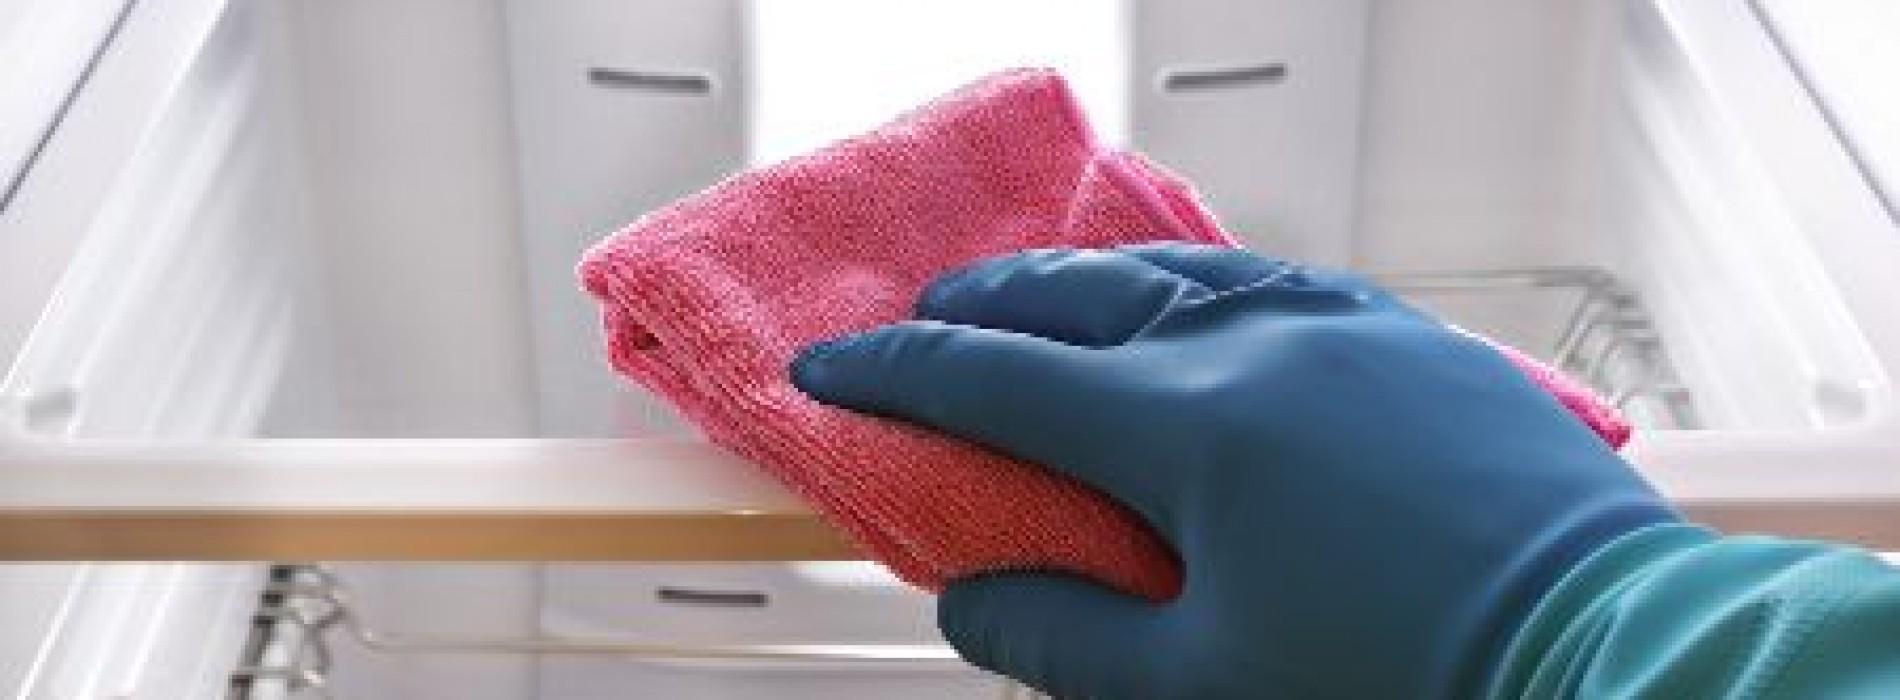 Geef je koelkast nu een grote schoonmaakbeurt met deze snelle maar grondige schoonmaak tip!